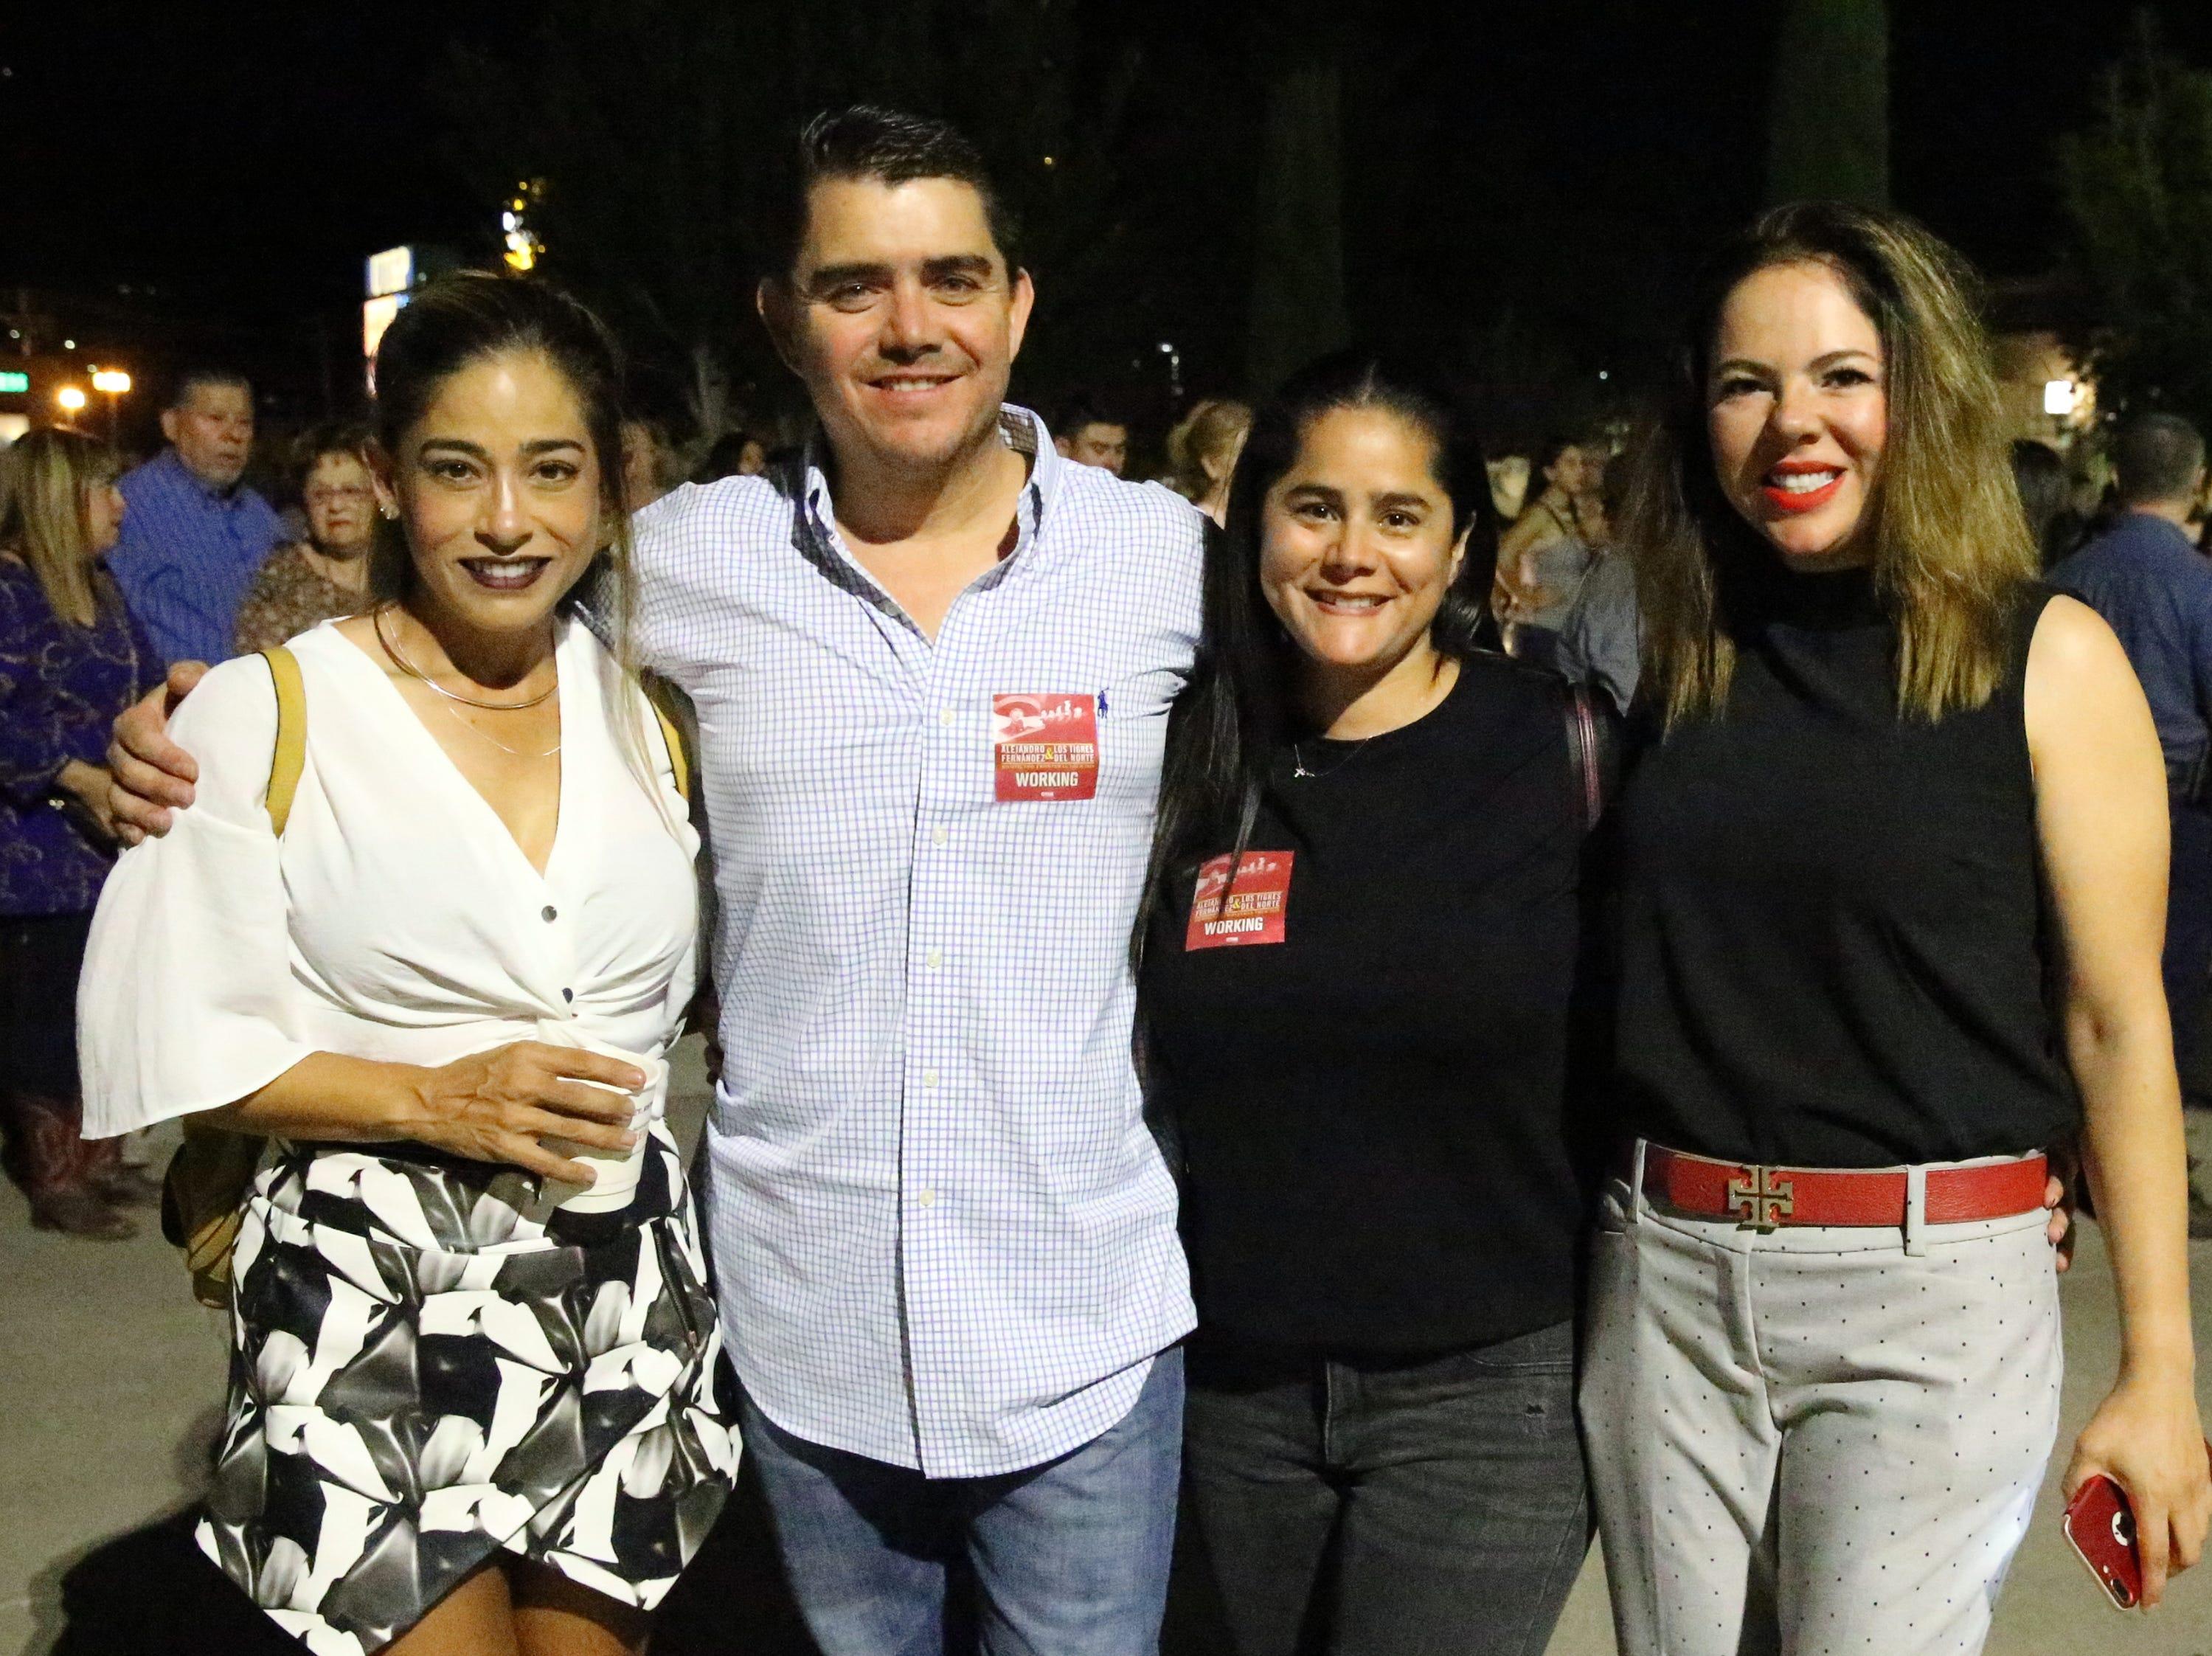 L-R: Ana Villarreal, David Gonzalez, Adriana Gomez and Alma Enriquez.